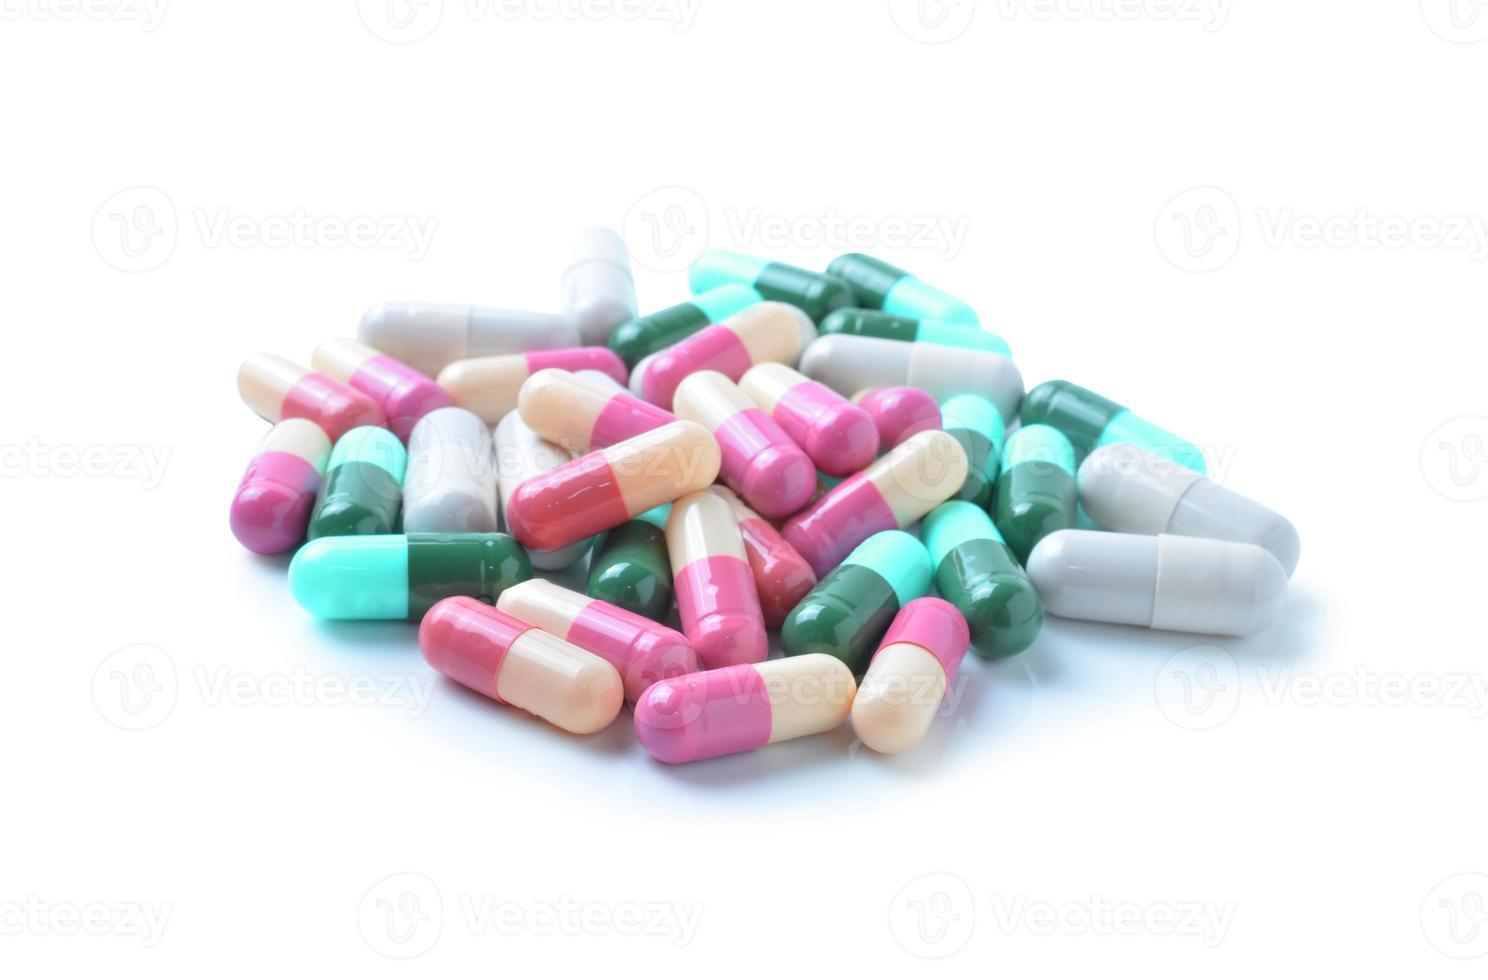 capsule medicinali, pillole foto